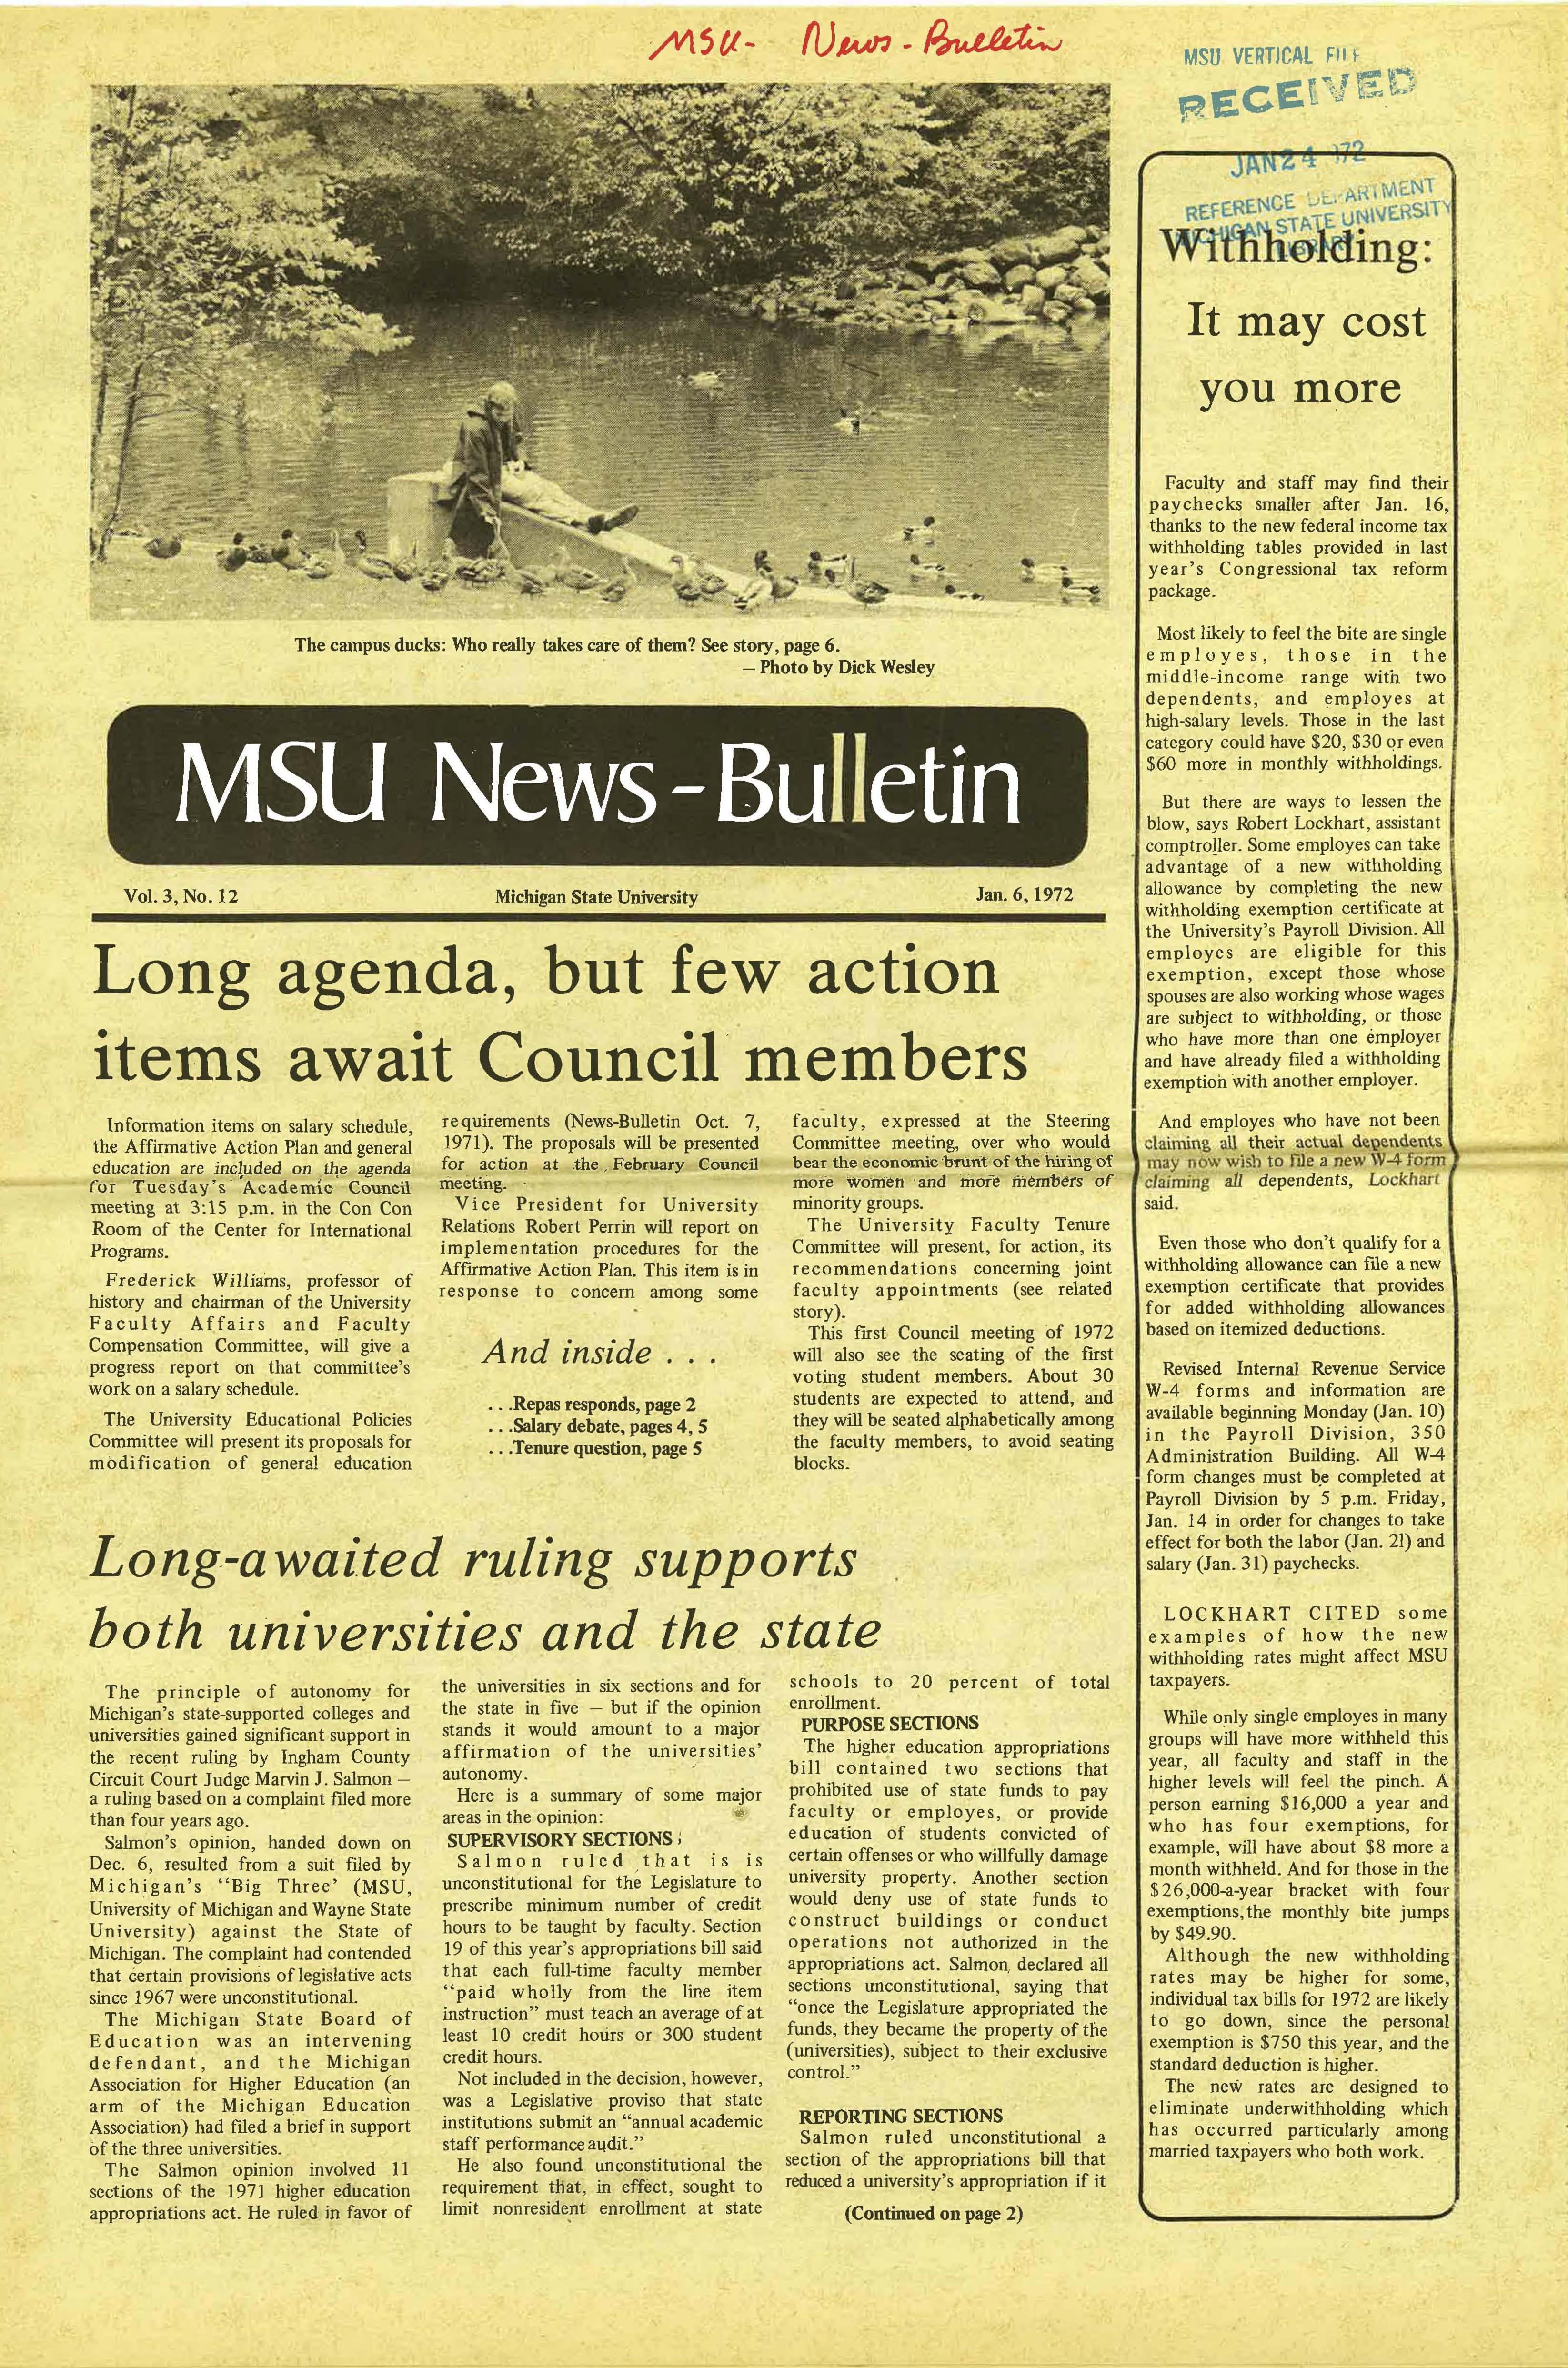 MSU News Bulletin, vol. 3, No. 33, June 29, 1972